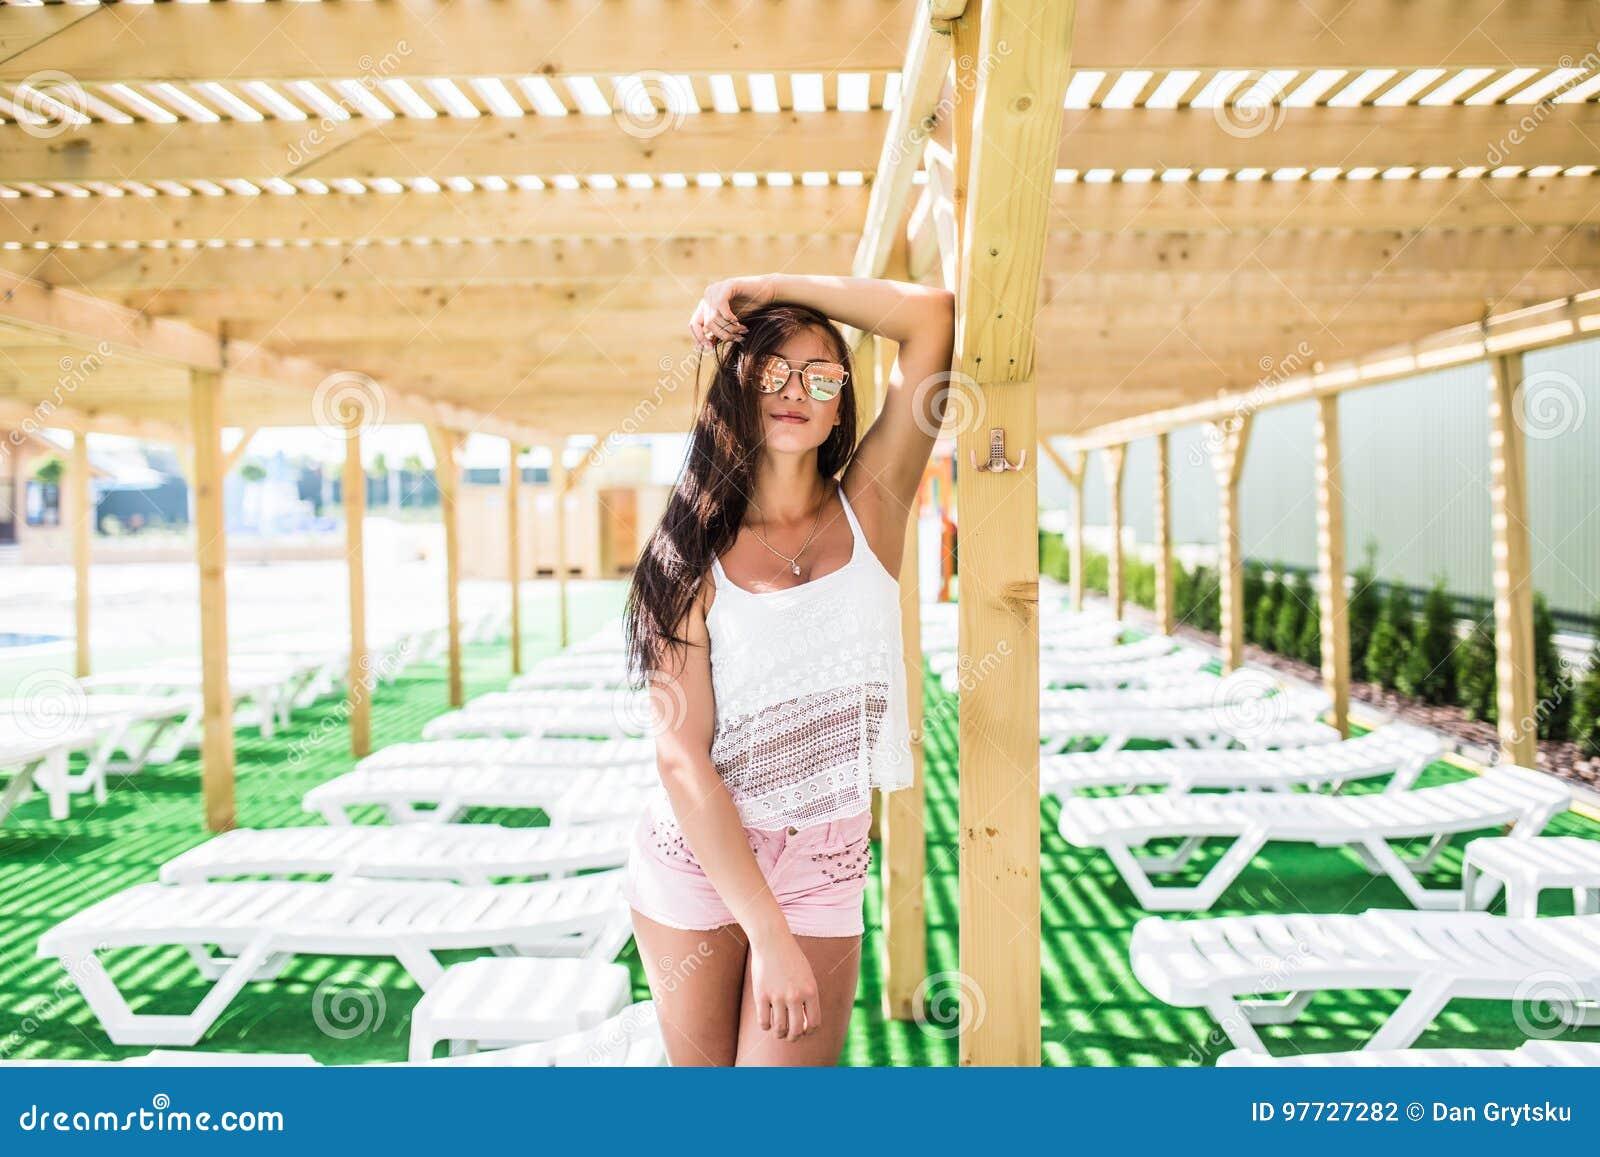 Mode D été De Femme Beau With Fit Body Modèle Féminin Sexy a6dba38ed70